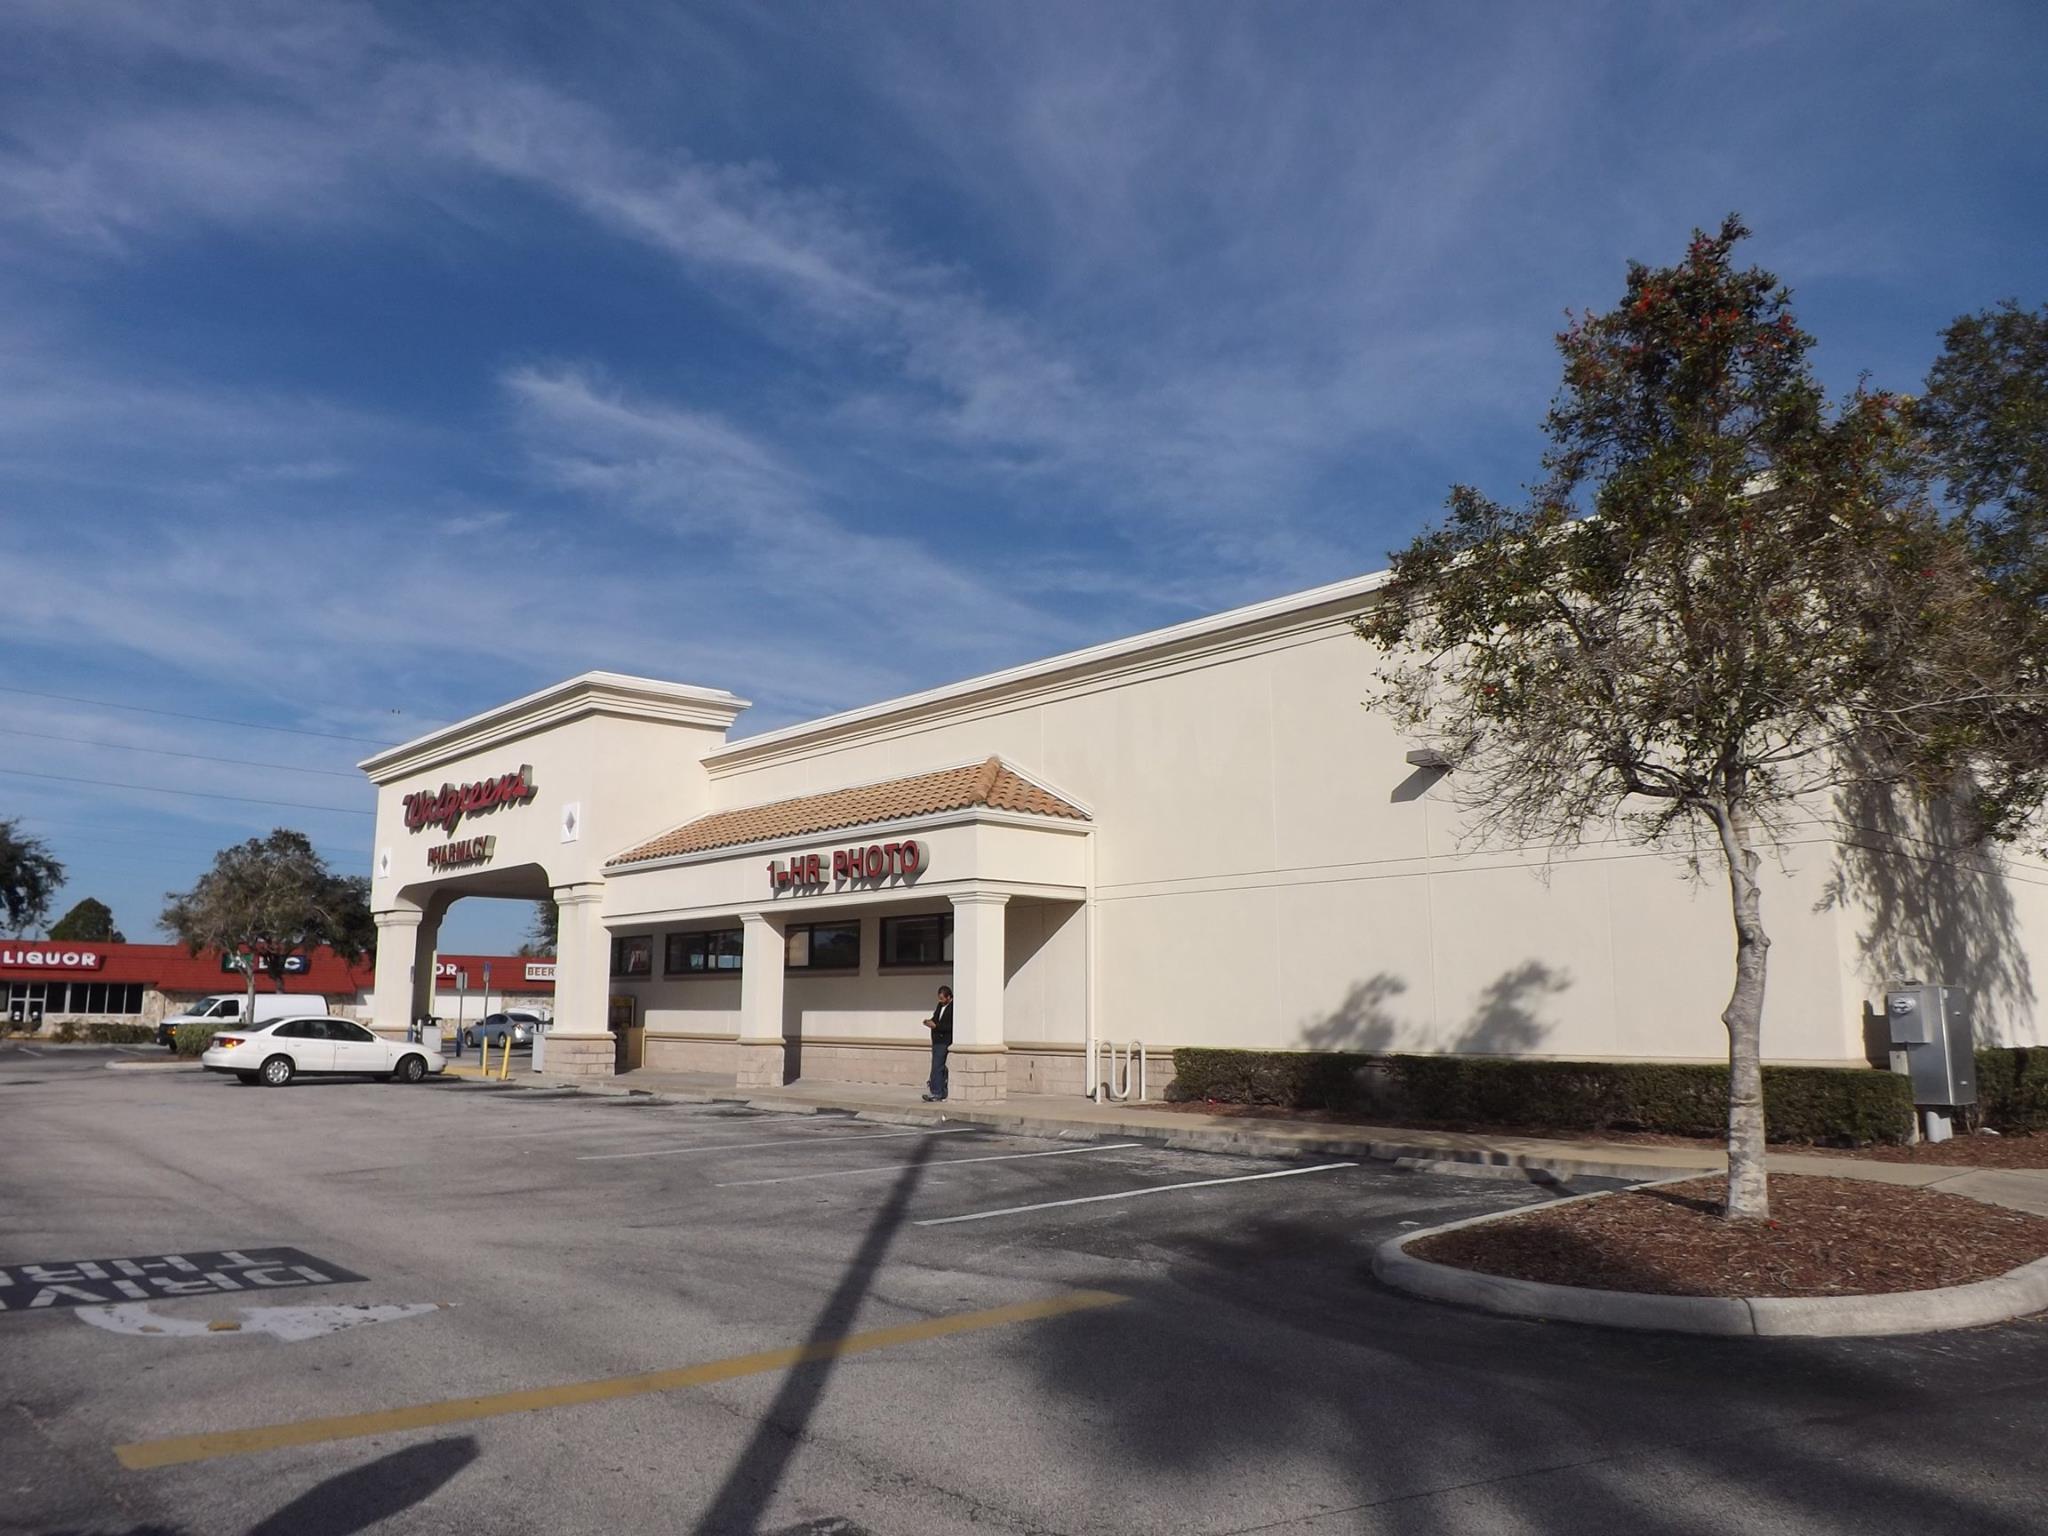 Walgreens, Cocoa Florida.